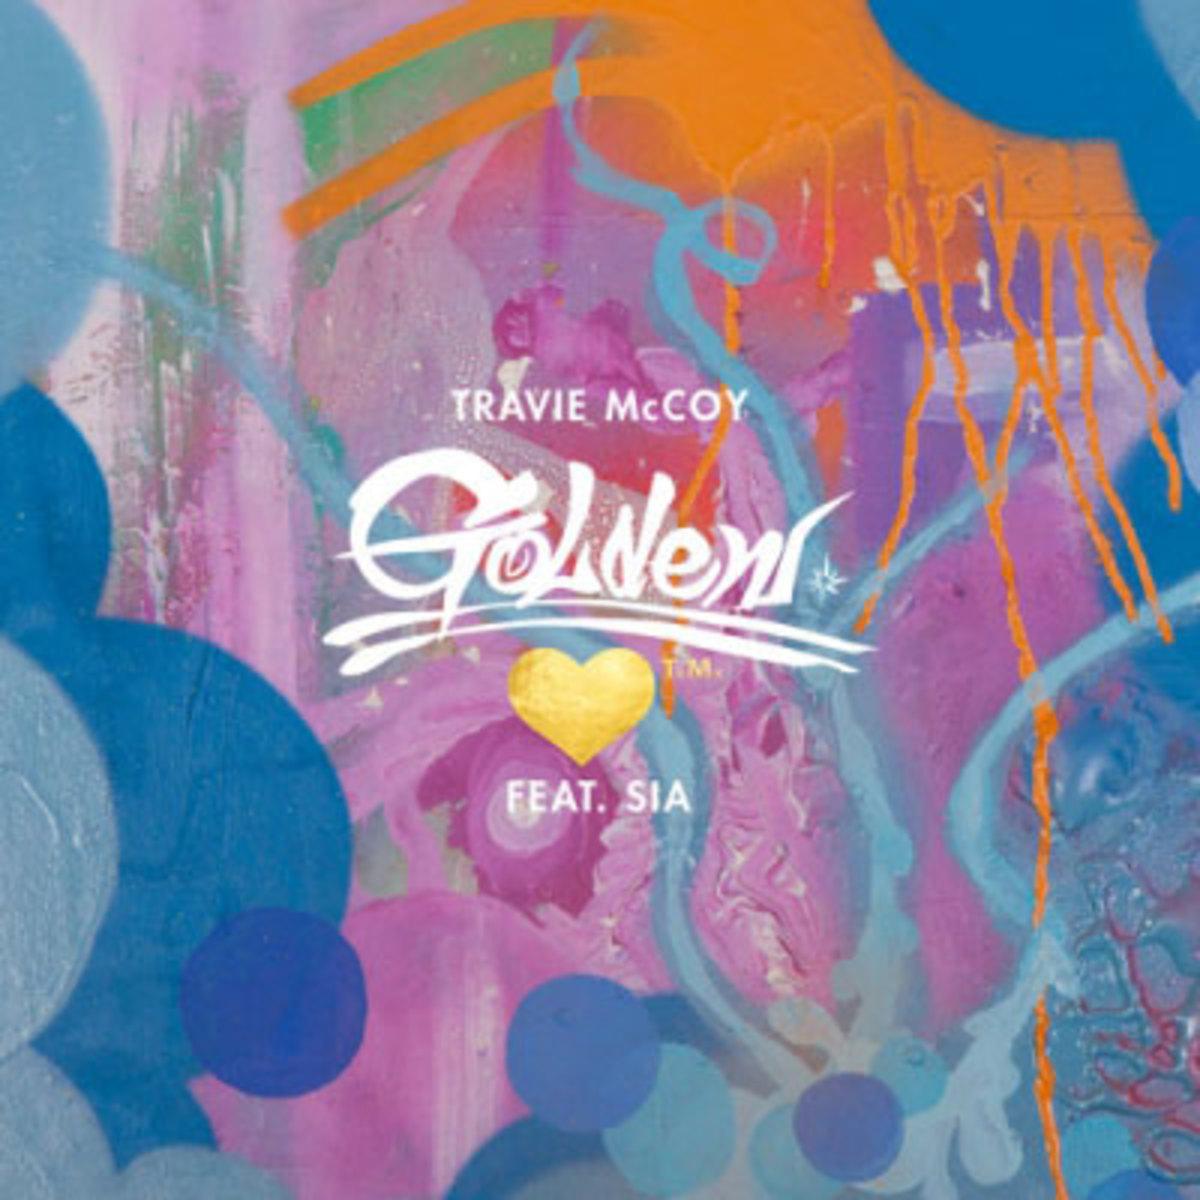 travie-mccoy-golden.jpg